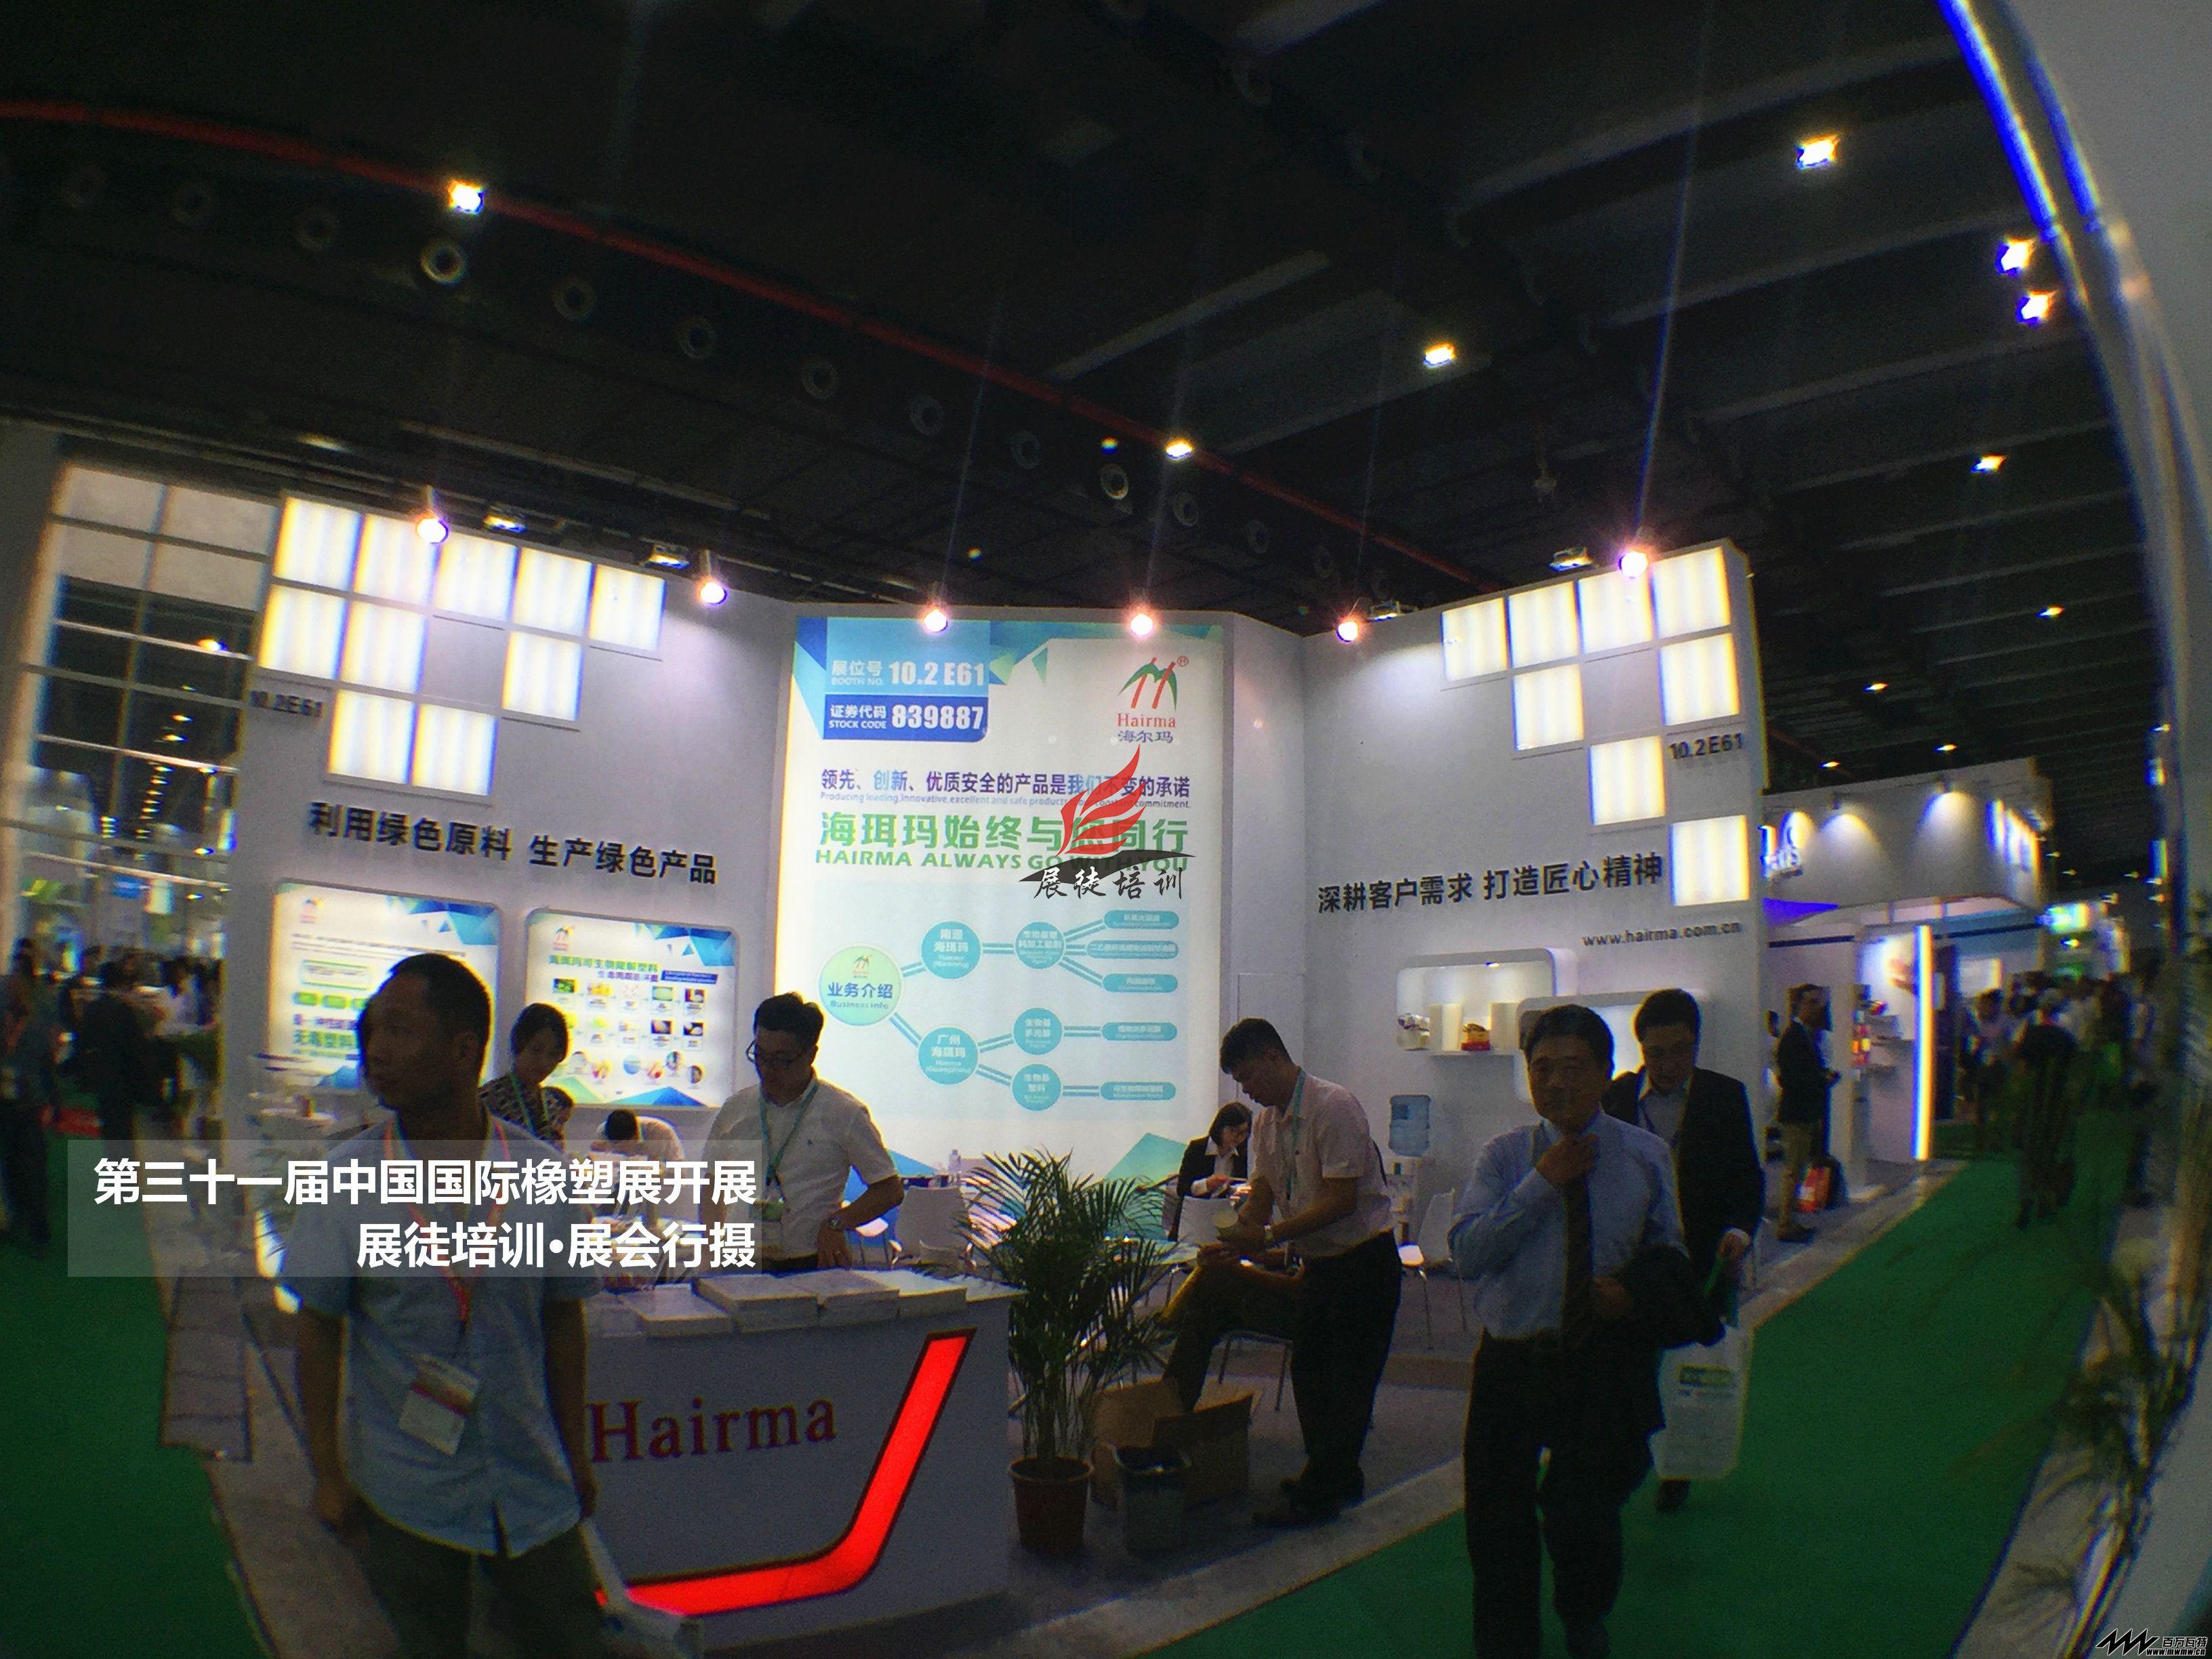 2017第三十一届中国国际橡塑展·展徒培训·展会行摄 (70).JPG